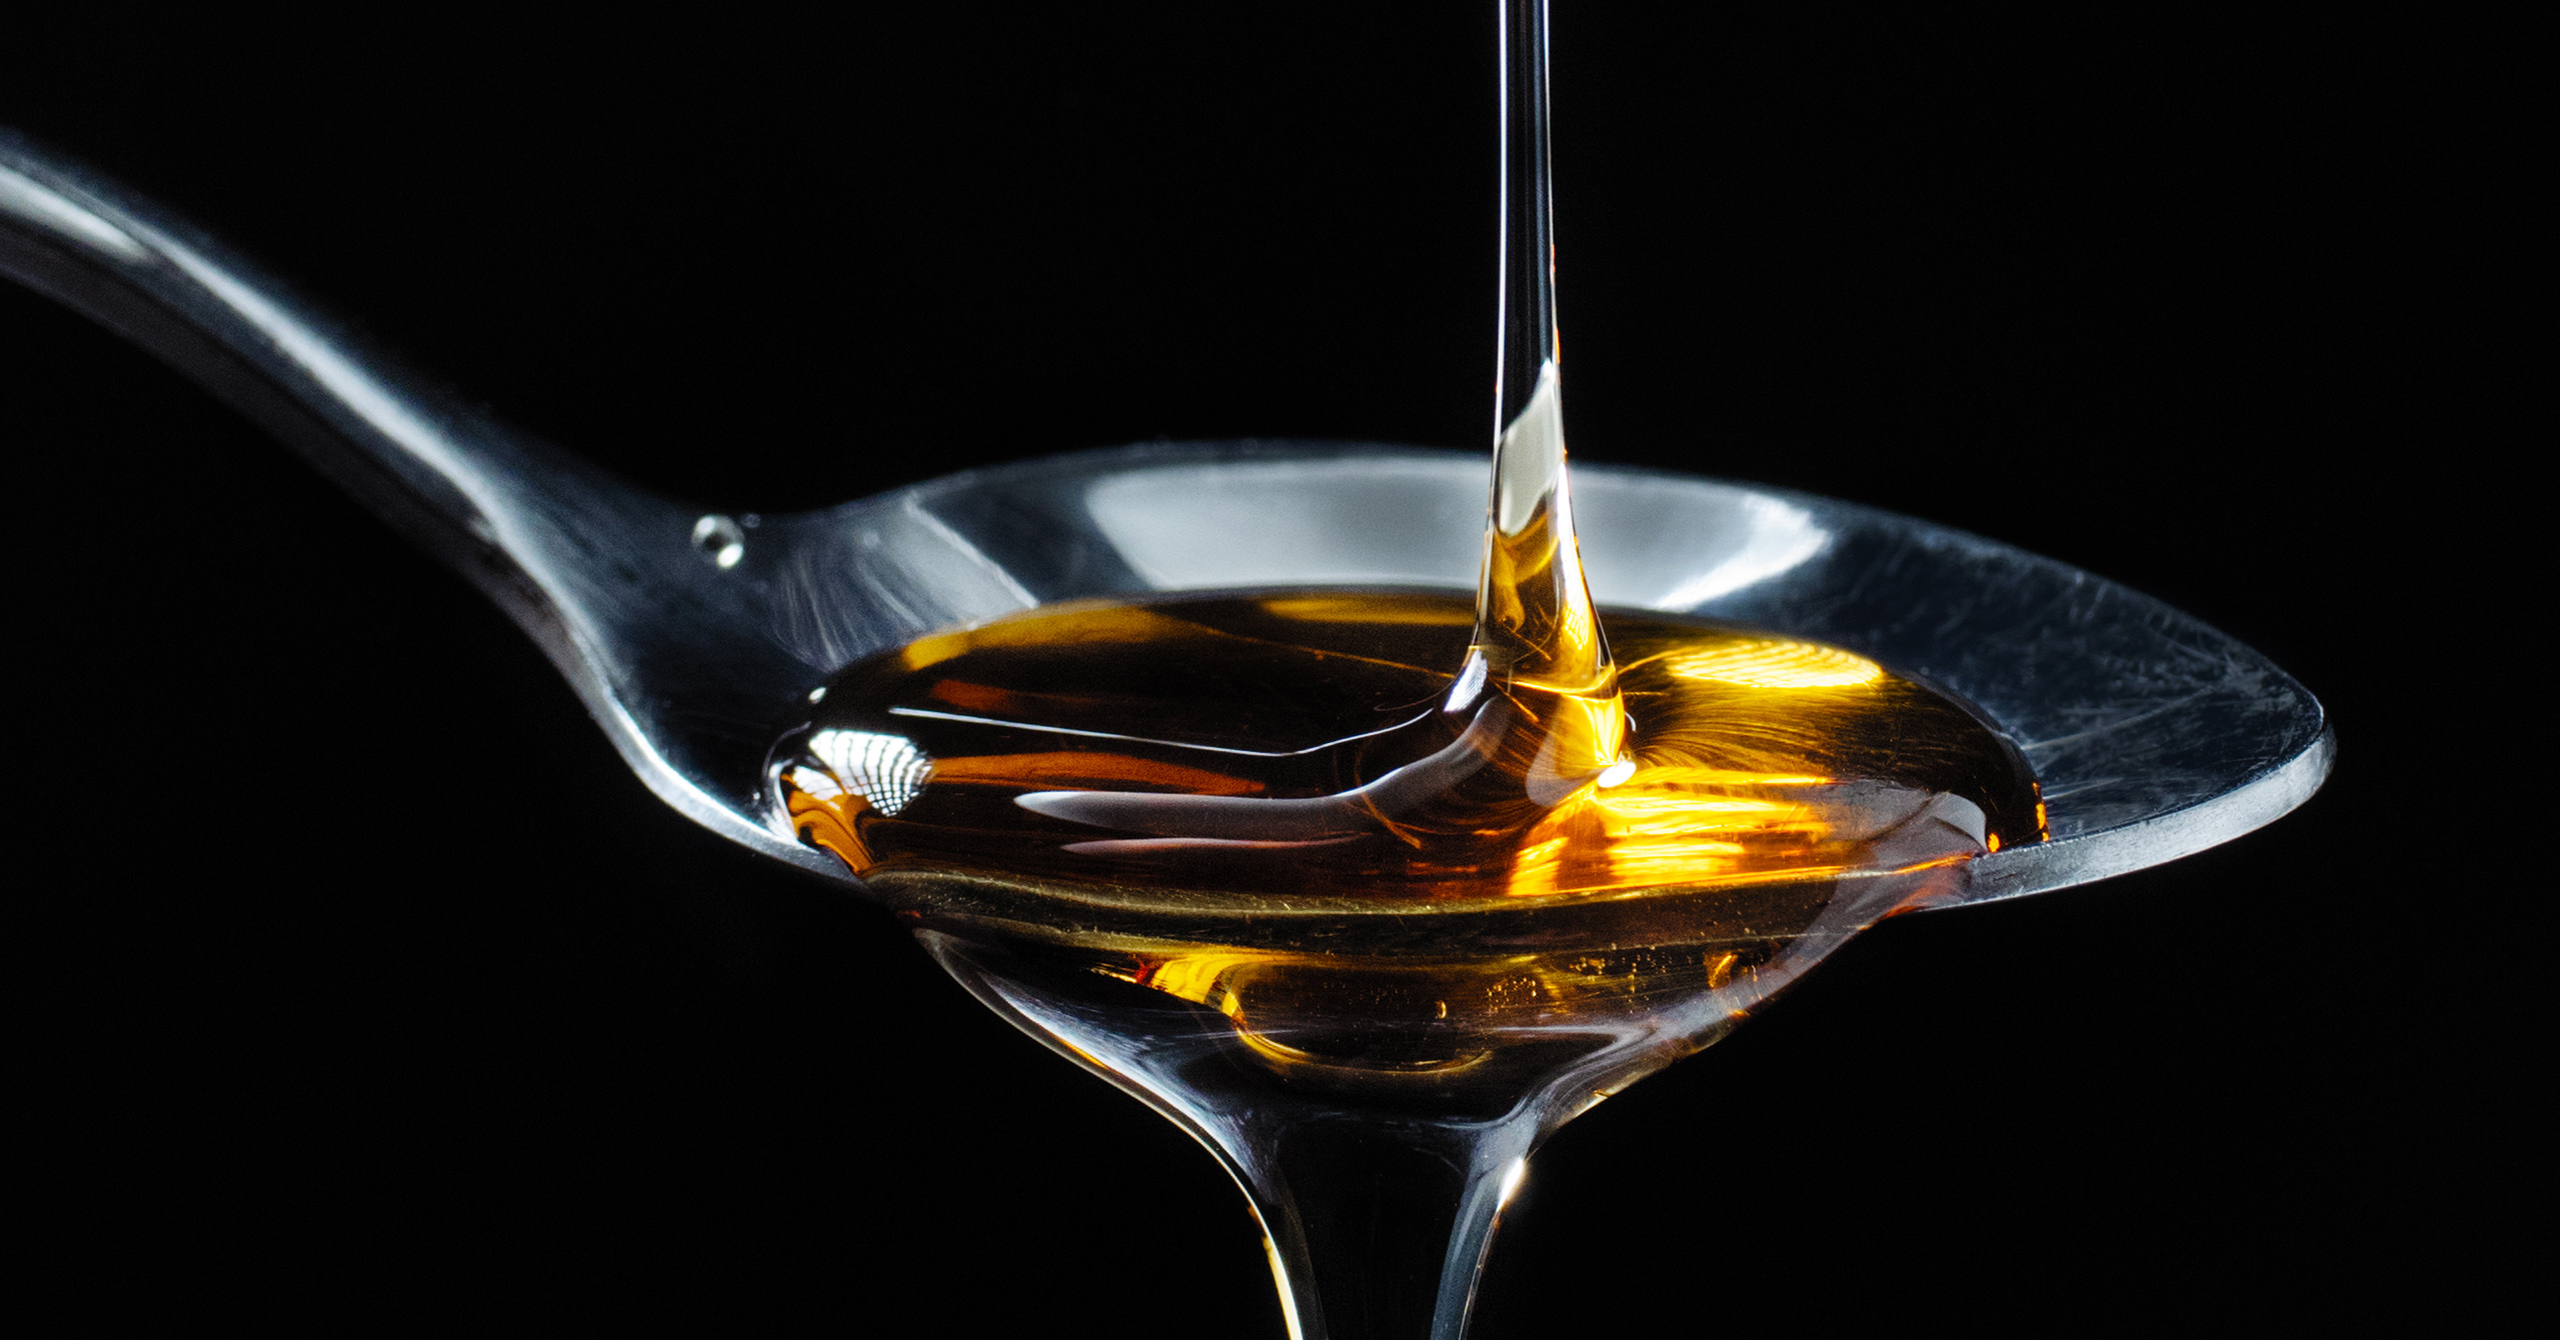 Agavensirup bzw. Agavendicksaft ist eine beliebte Alternative zu Rübenzucker.